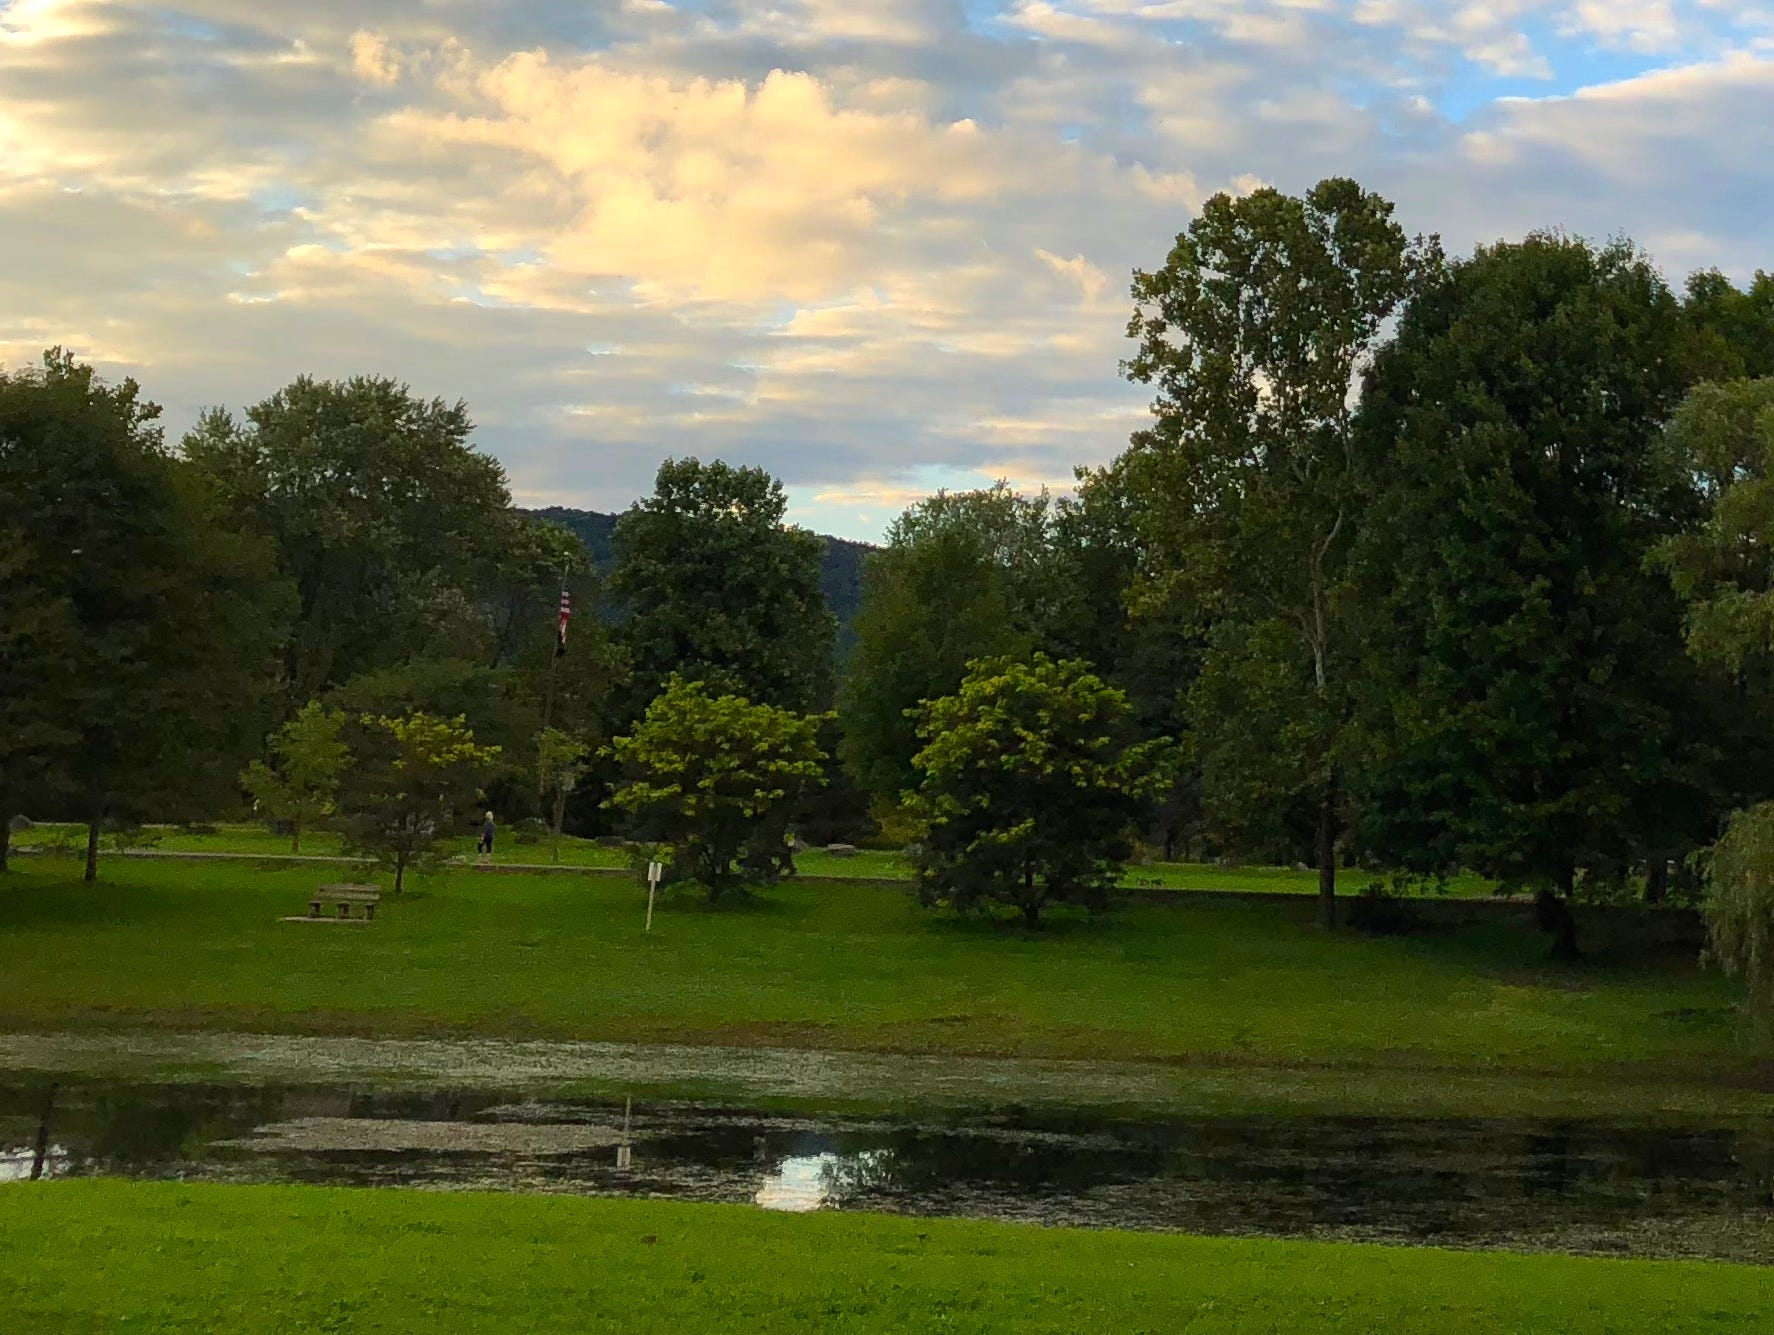 Otsiningo Park.